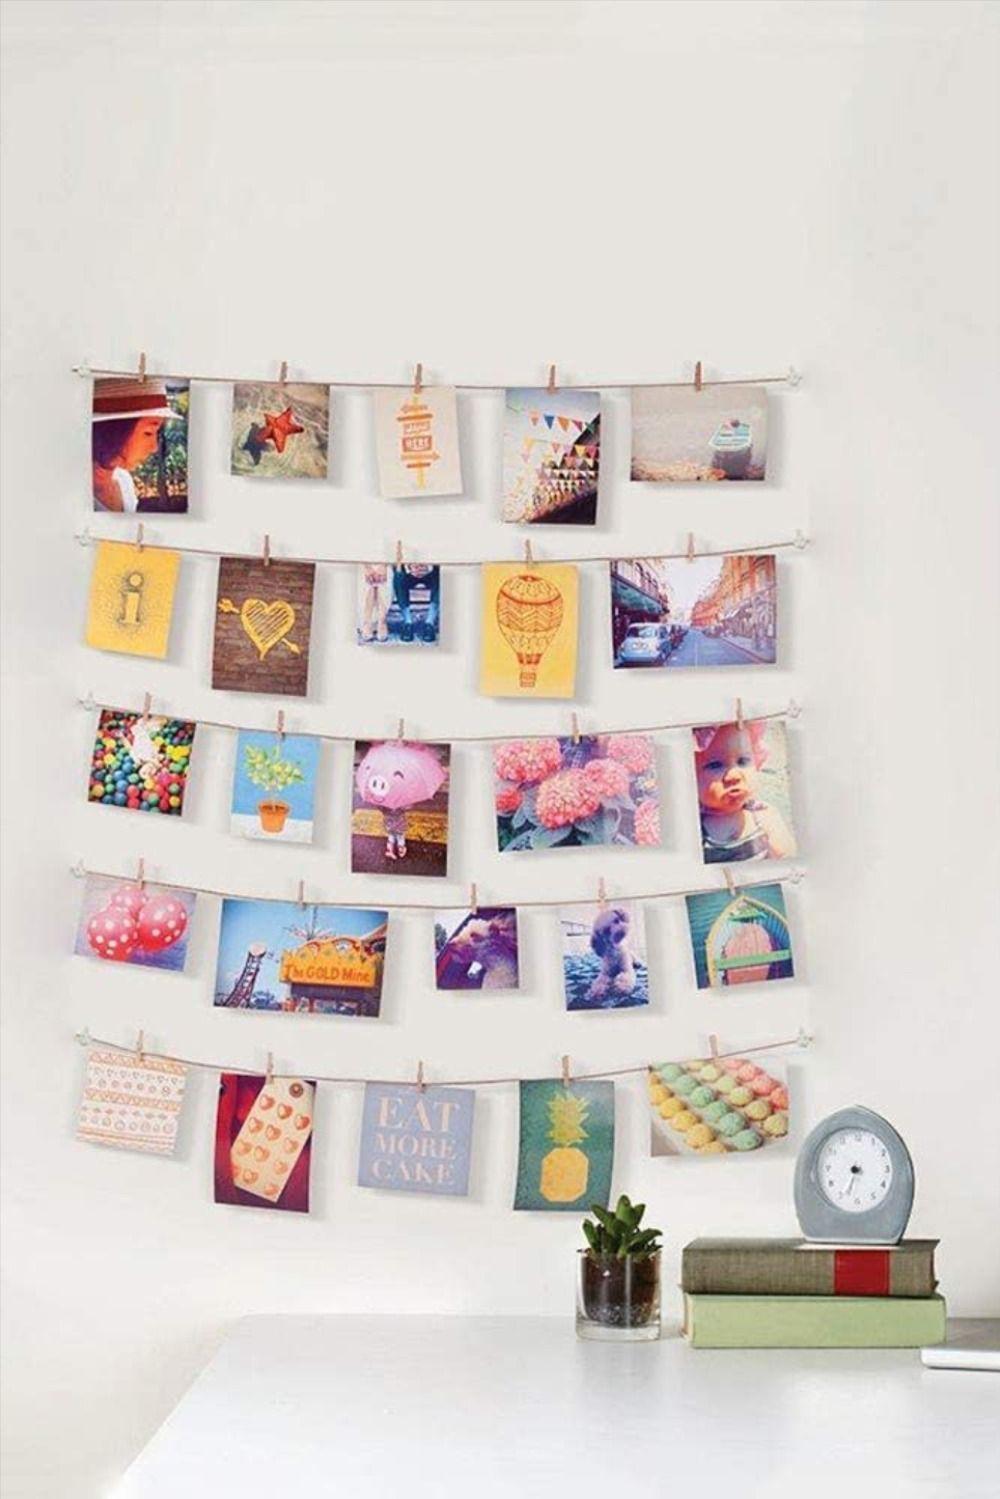 Fotoseil Kreative Diy Wanddekoration Spurlos Ohne Nägel Fotos Aufhängen Bilderwand Gestalten Memory Wand